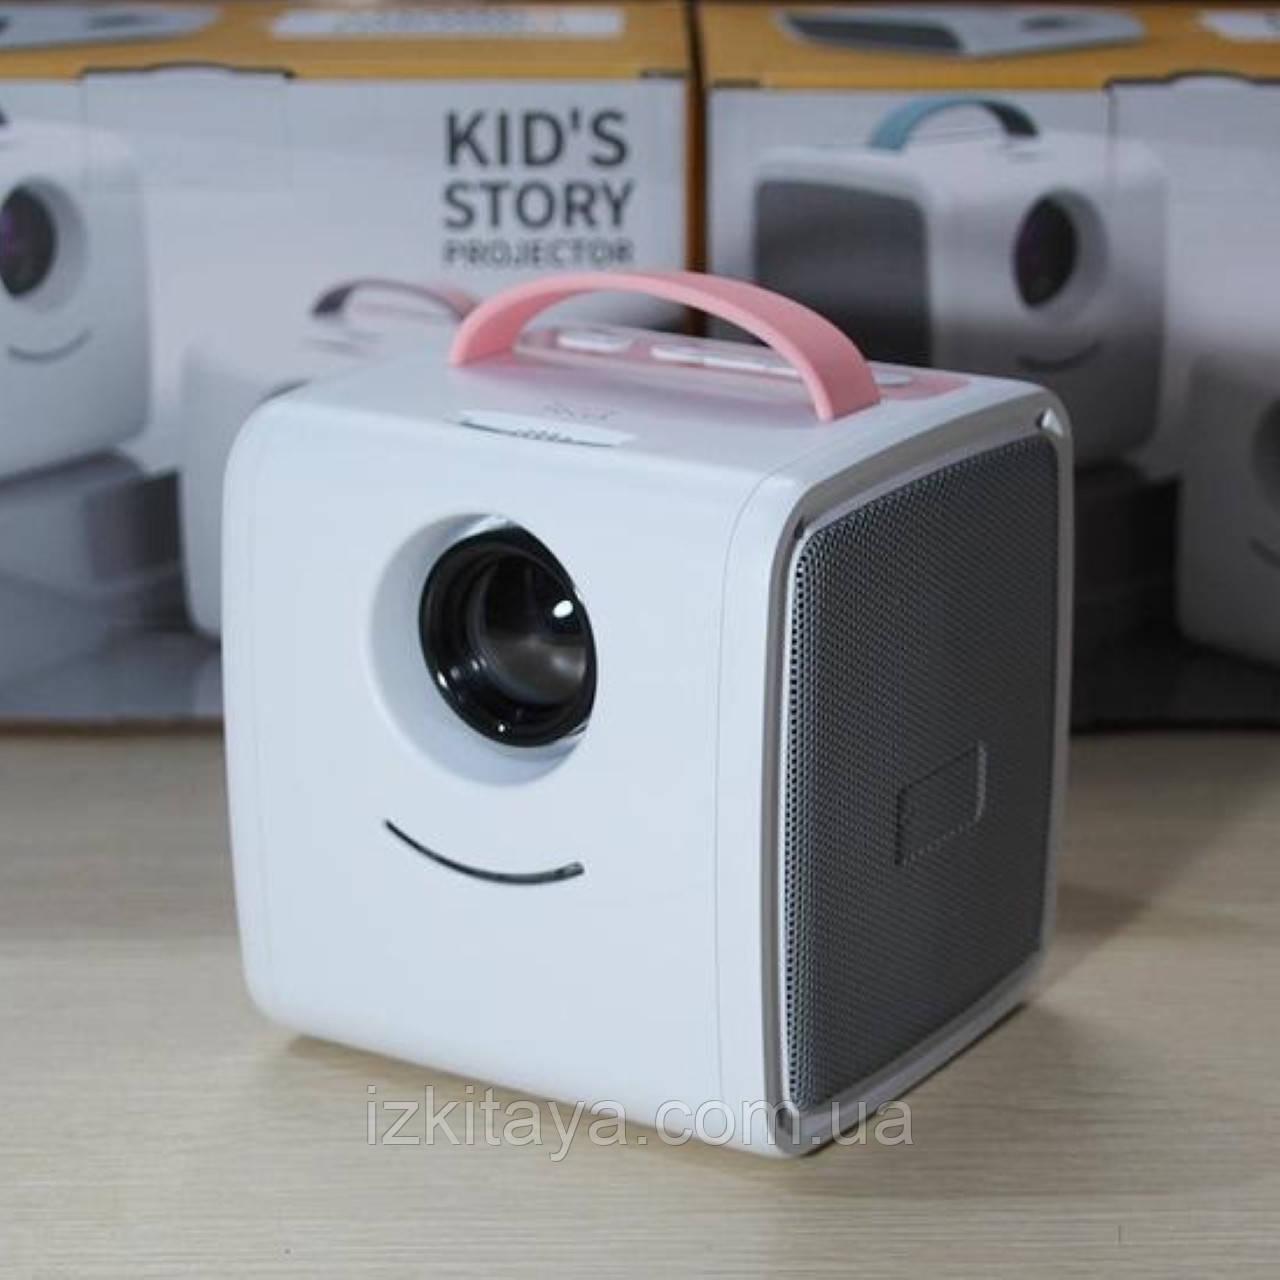 Проектор портативний дитячий Kids Story Projector Q2 (міні мультимедійний проектор для мультфільмів та